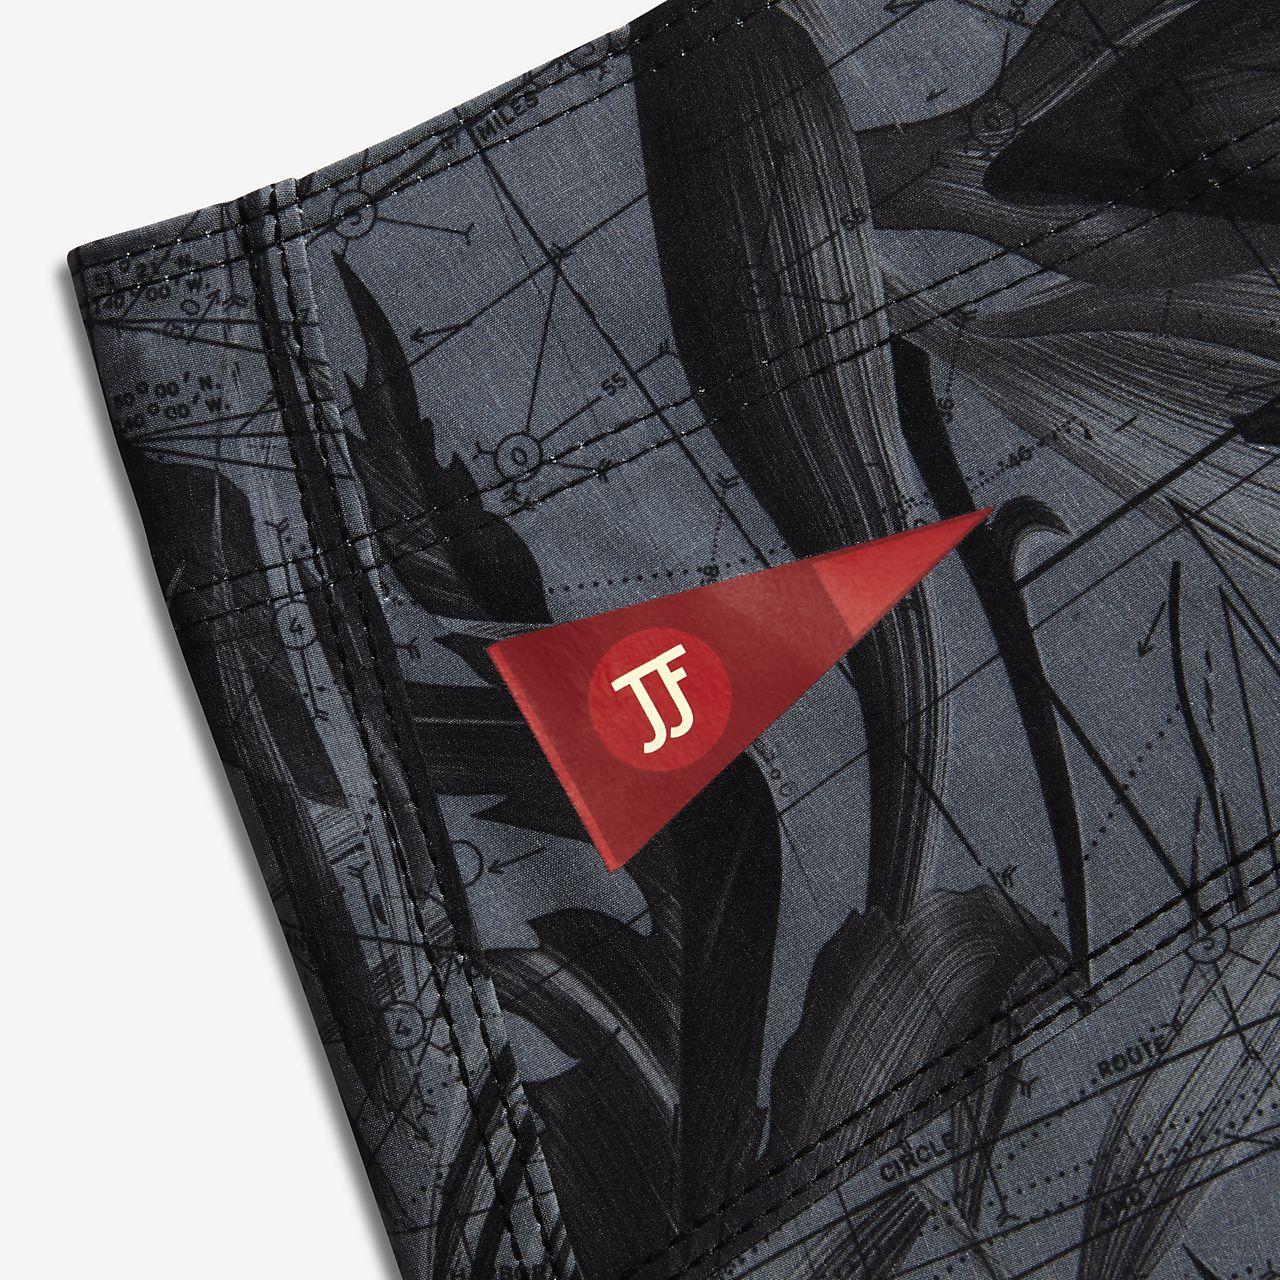 Hurley Phantom JJF 3 Maps 51 cm es férfi szörfrövidnadrág